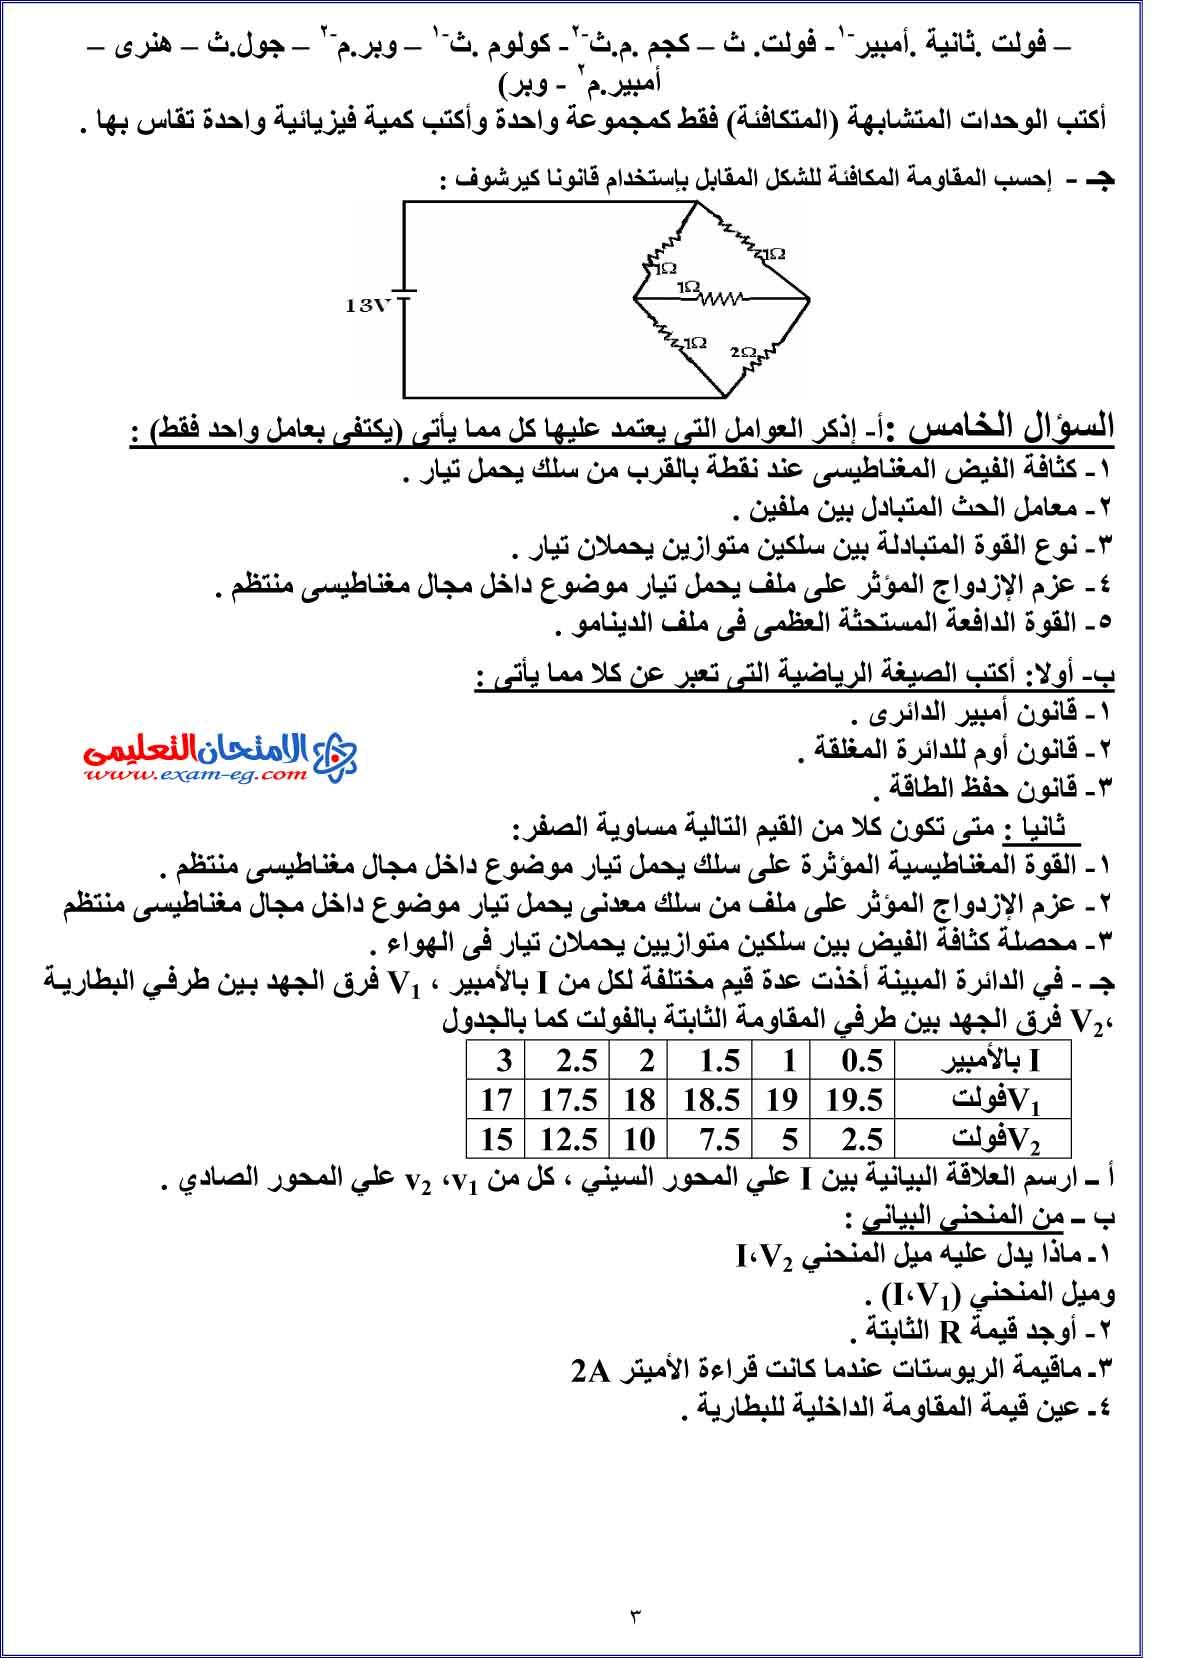 فيزياء 2 - مدرسة اون لاين-3